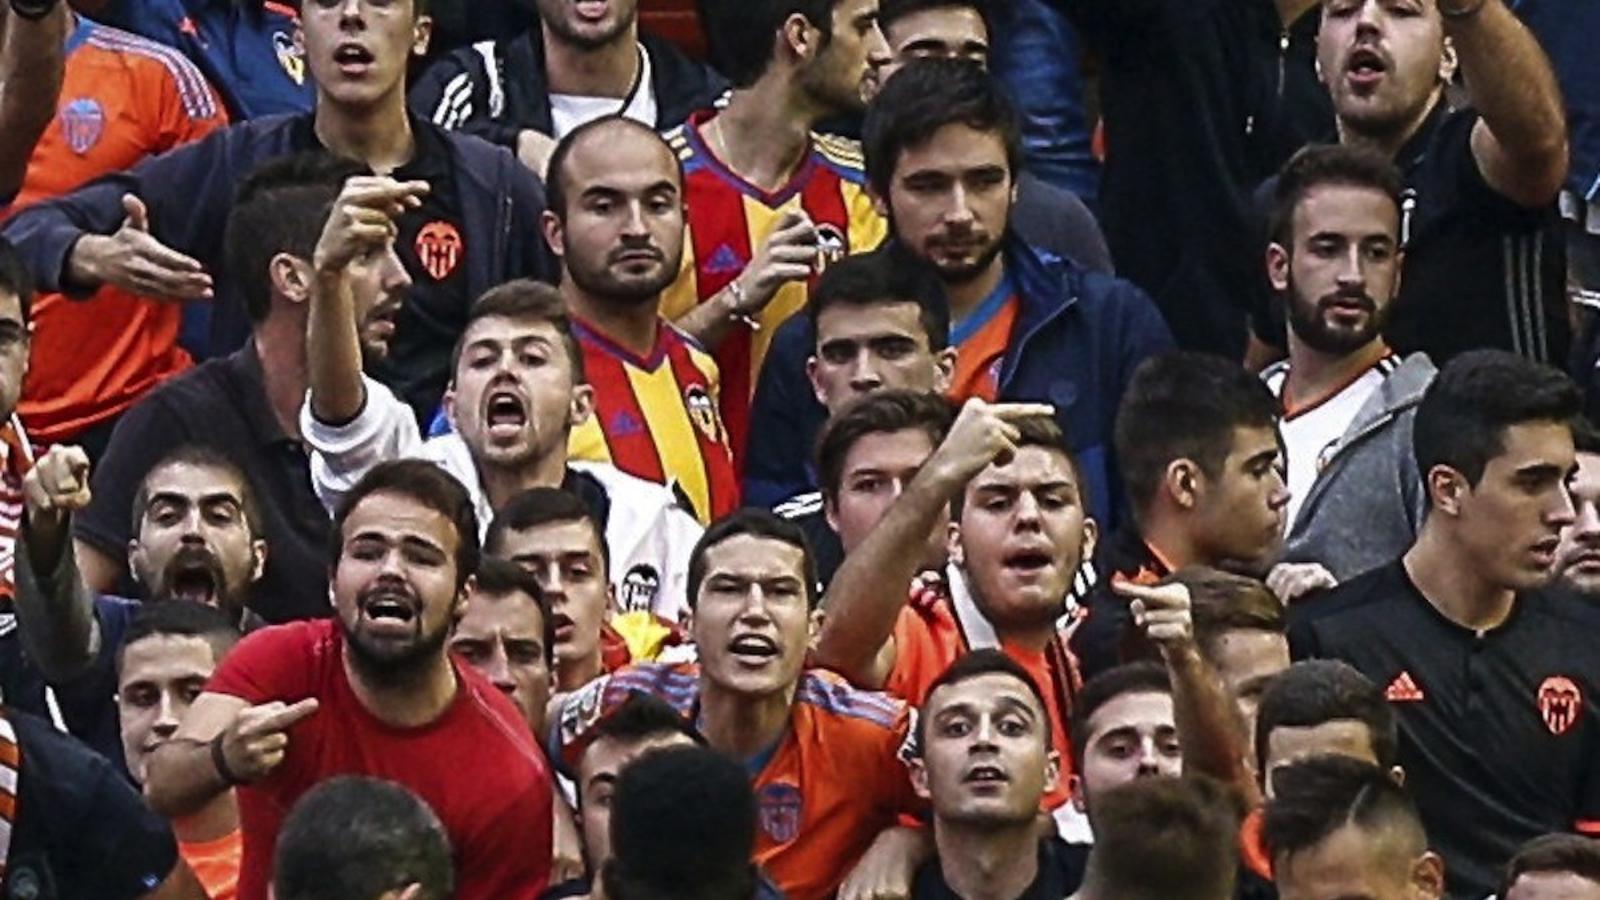 El València té la imatge del seguidor que va llançar l'ampolla d'aigua als jugadors del Barça